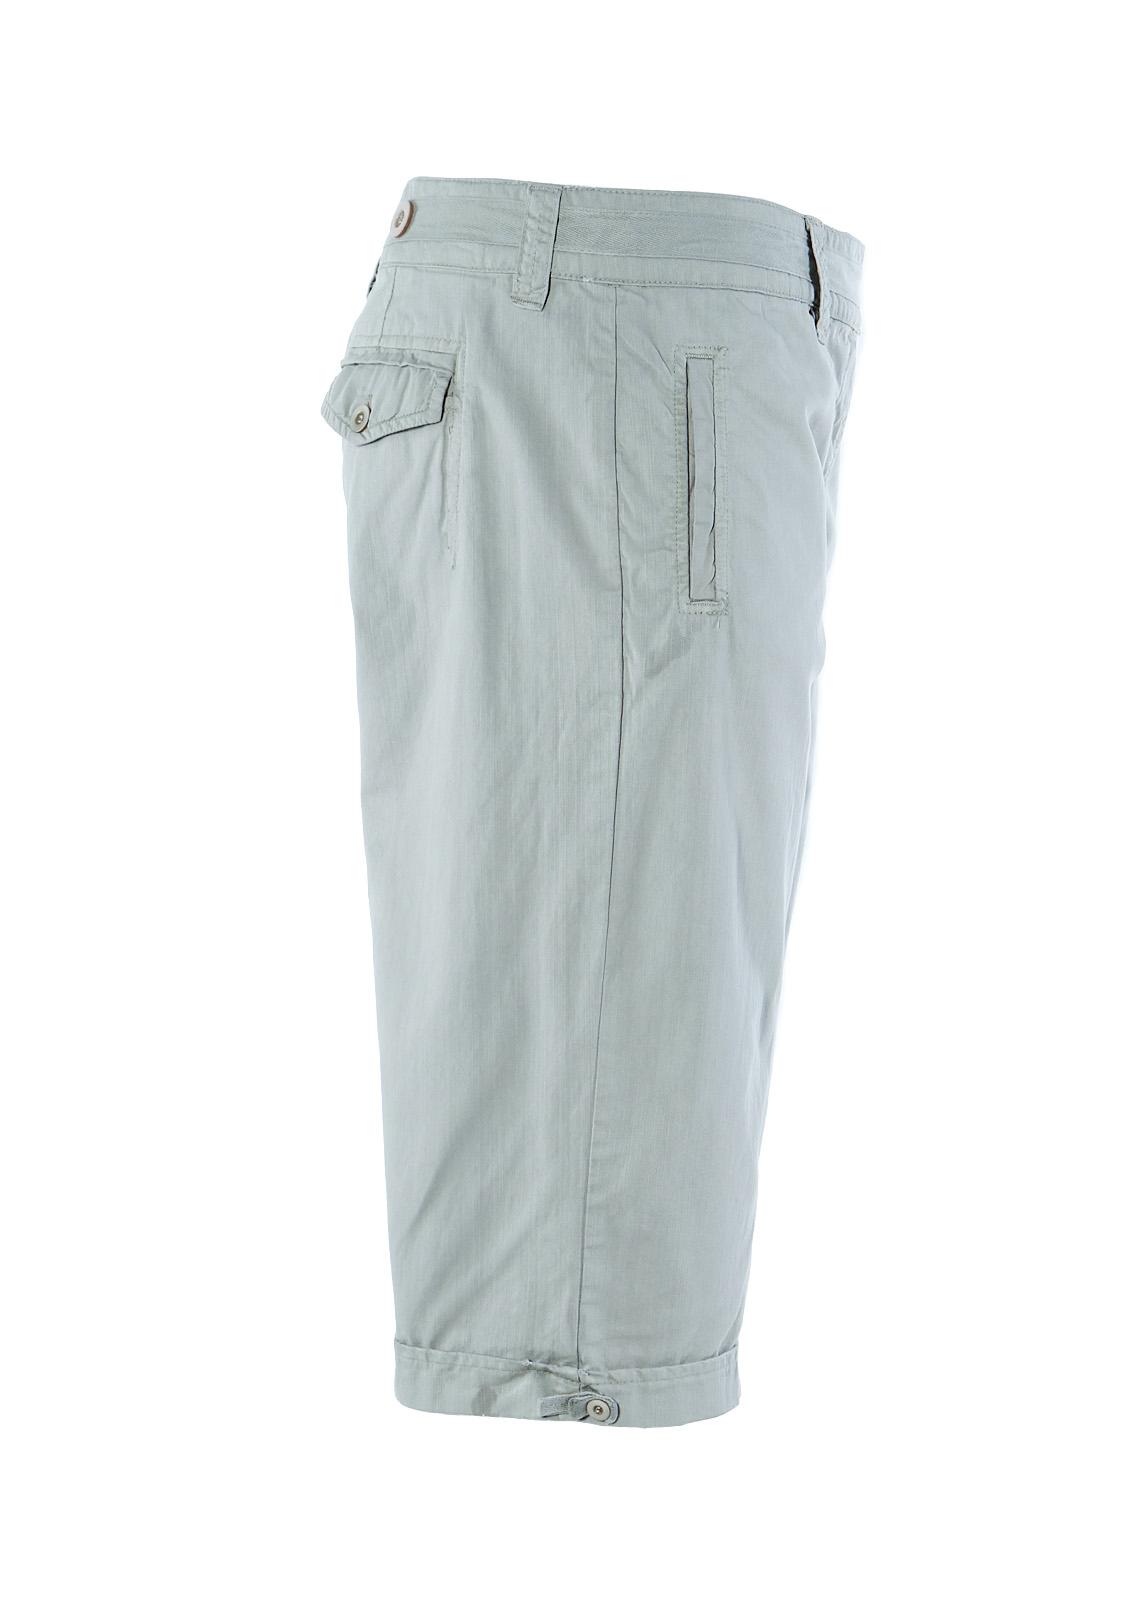 Popular  Length Plain Basic Leggings Womens Viscose Short Jeggings Pants  EBay